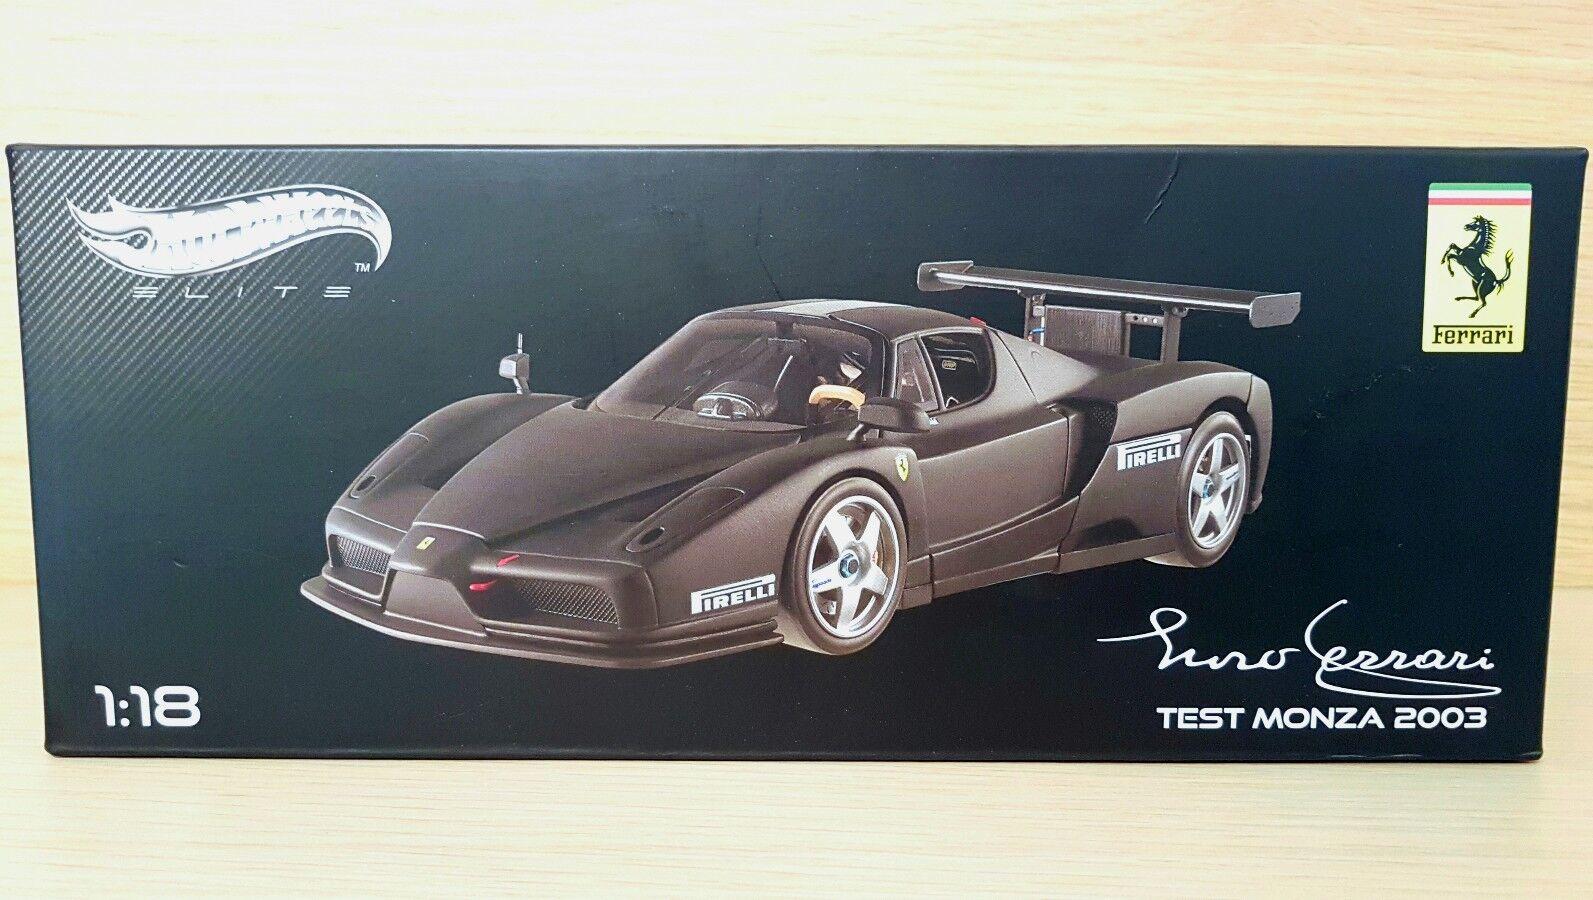 Ferrari Enzo Ferrari Test Monza (2003) scala 1/18 Hot Wheels Elite | Qualité Fiable